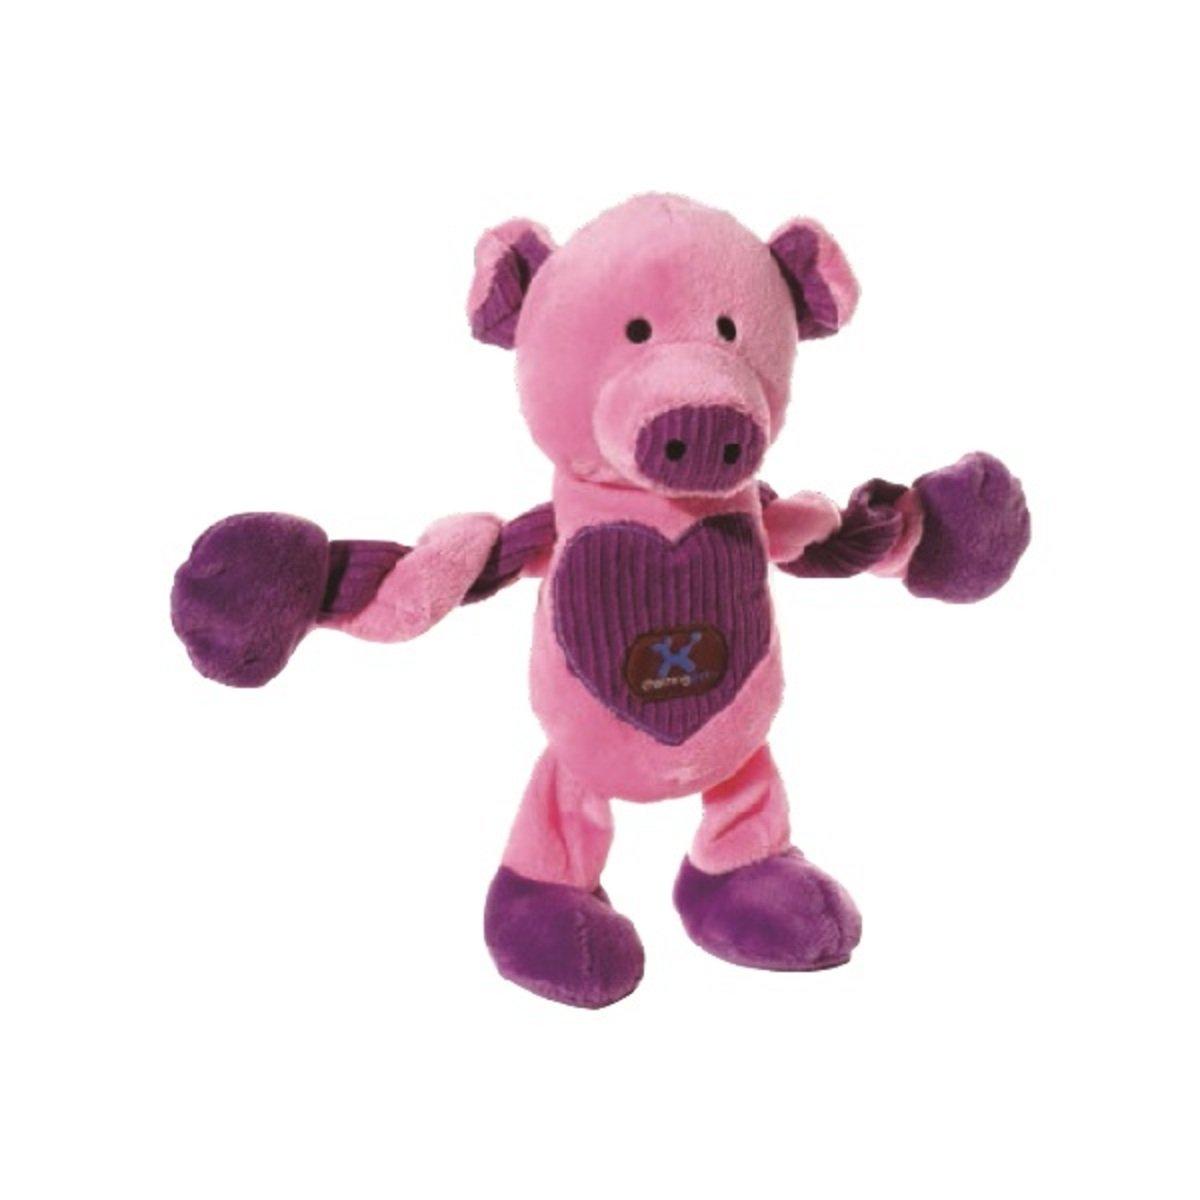 寵物可扭動發聲玩具 ﹣愛心豬